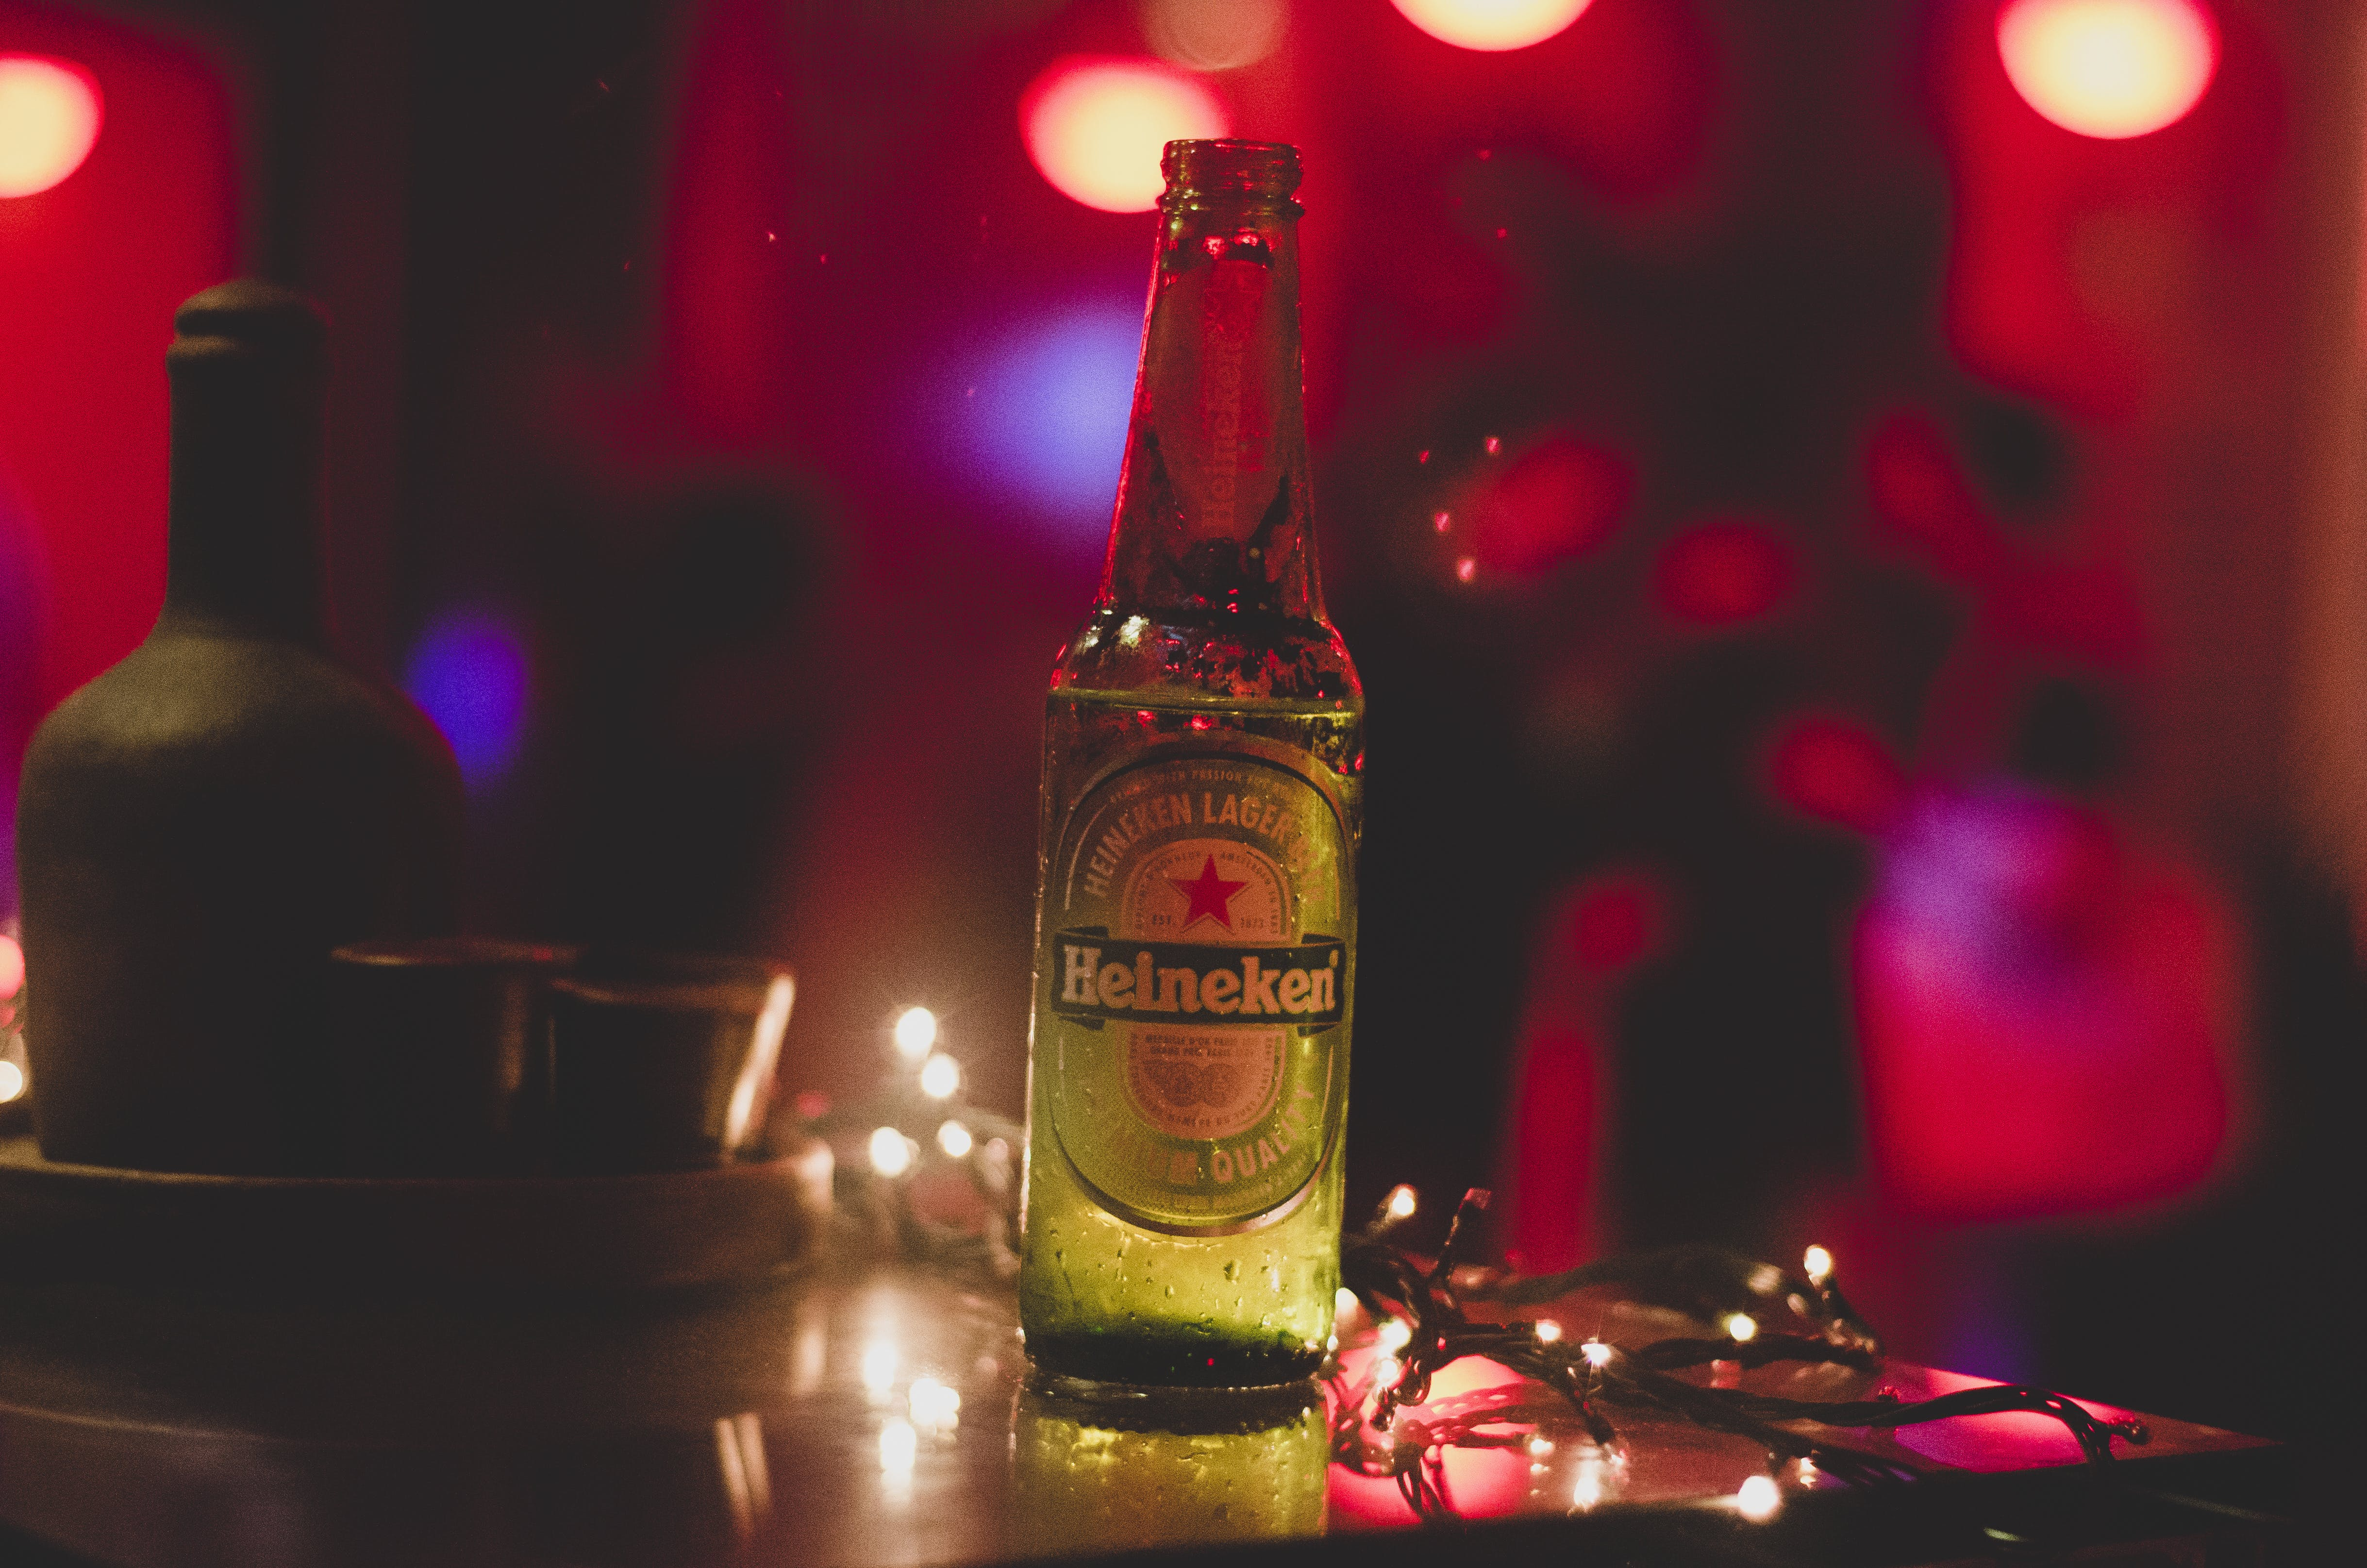 Kostnadsfri bild av alkohol, färger, flaskor, heineken